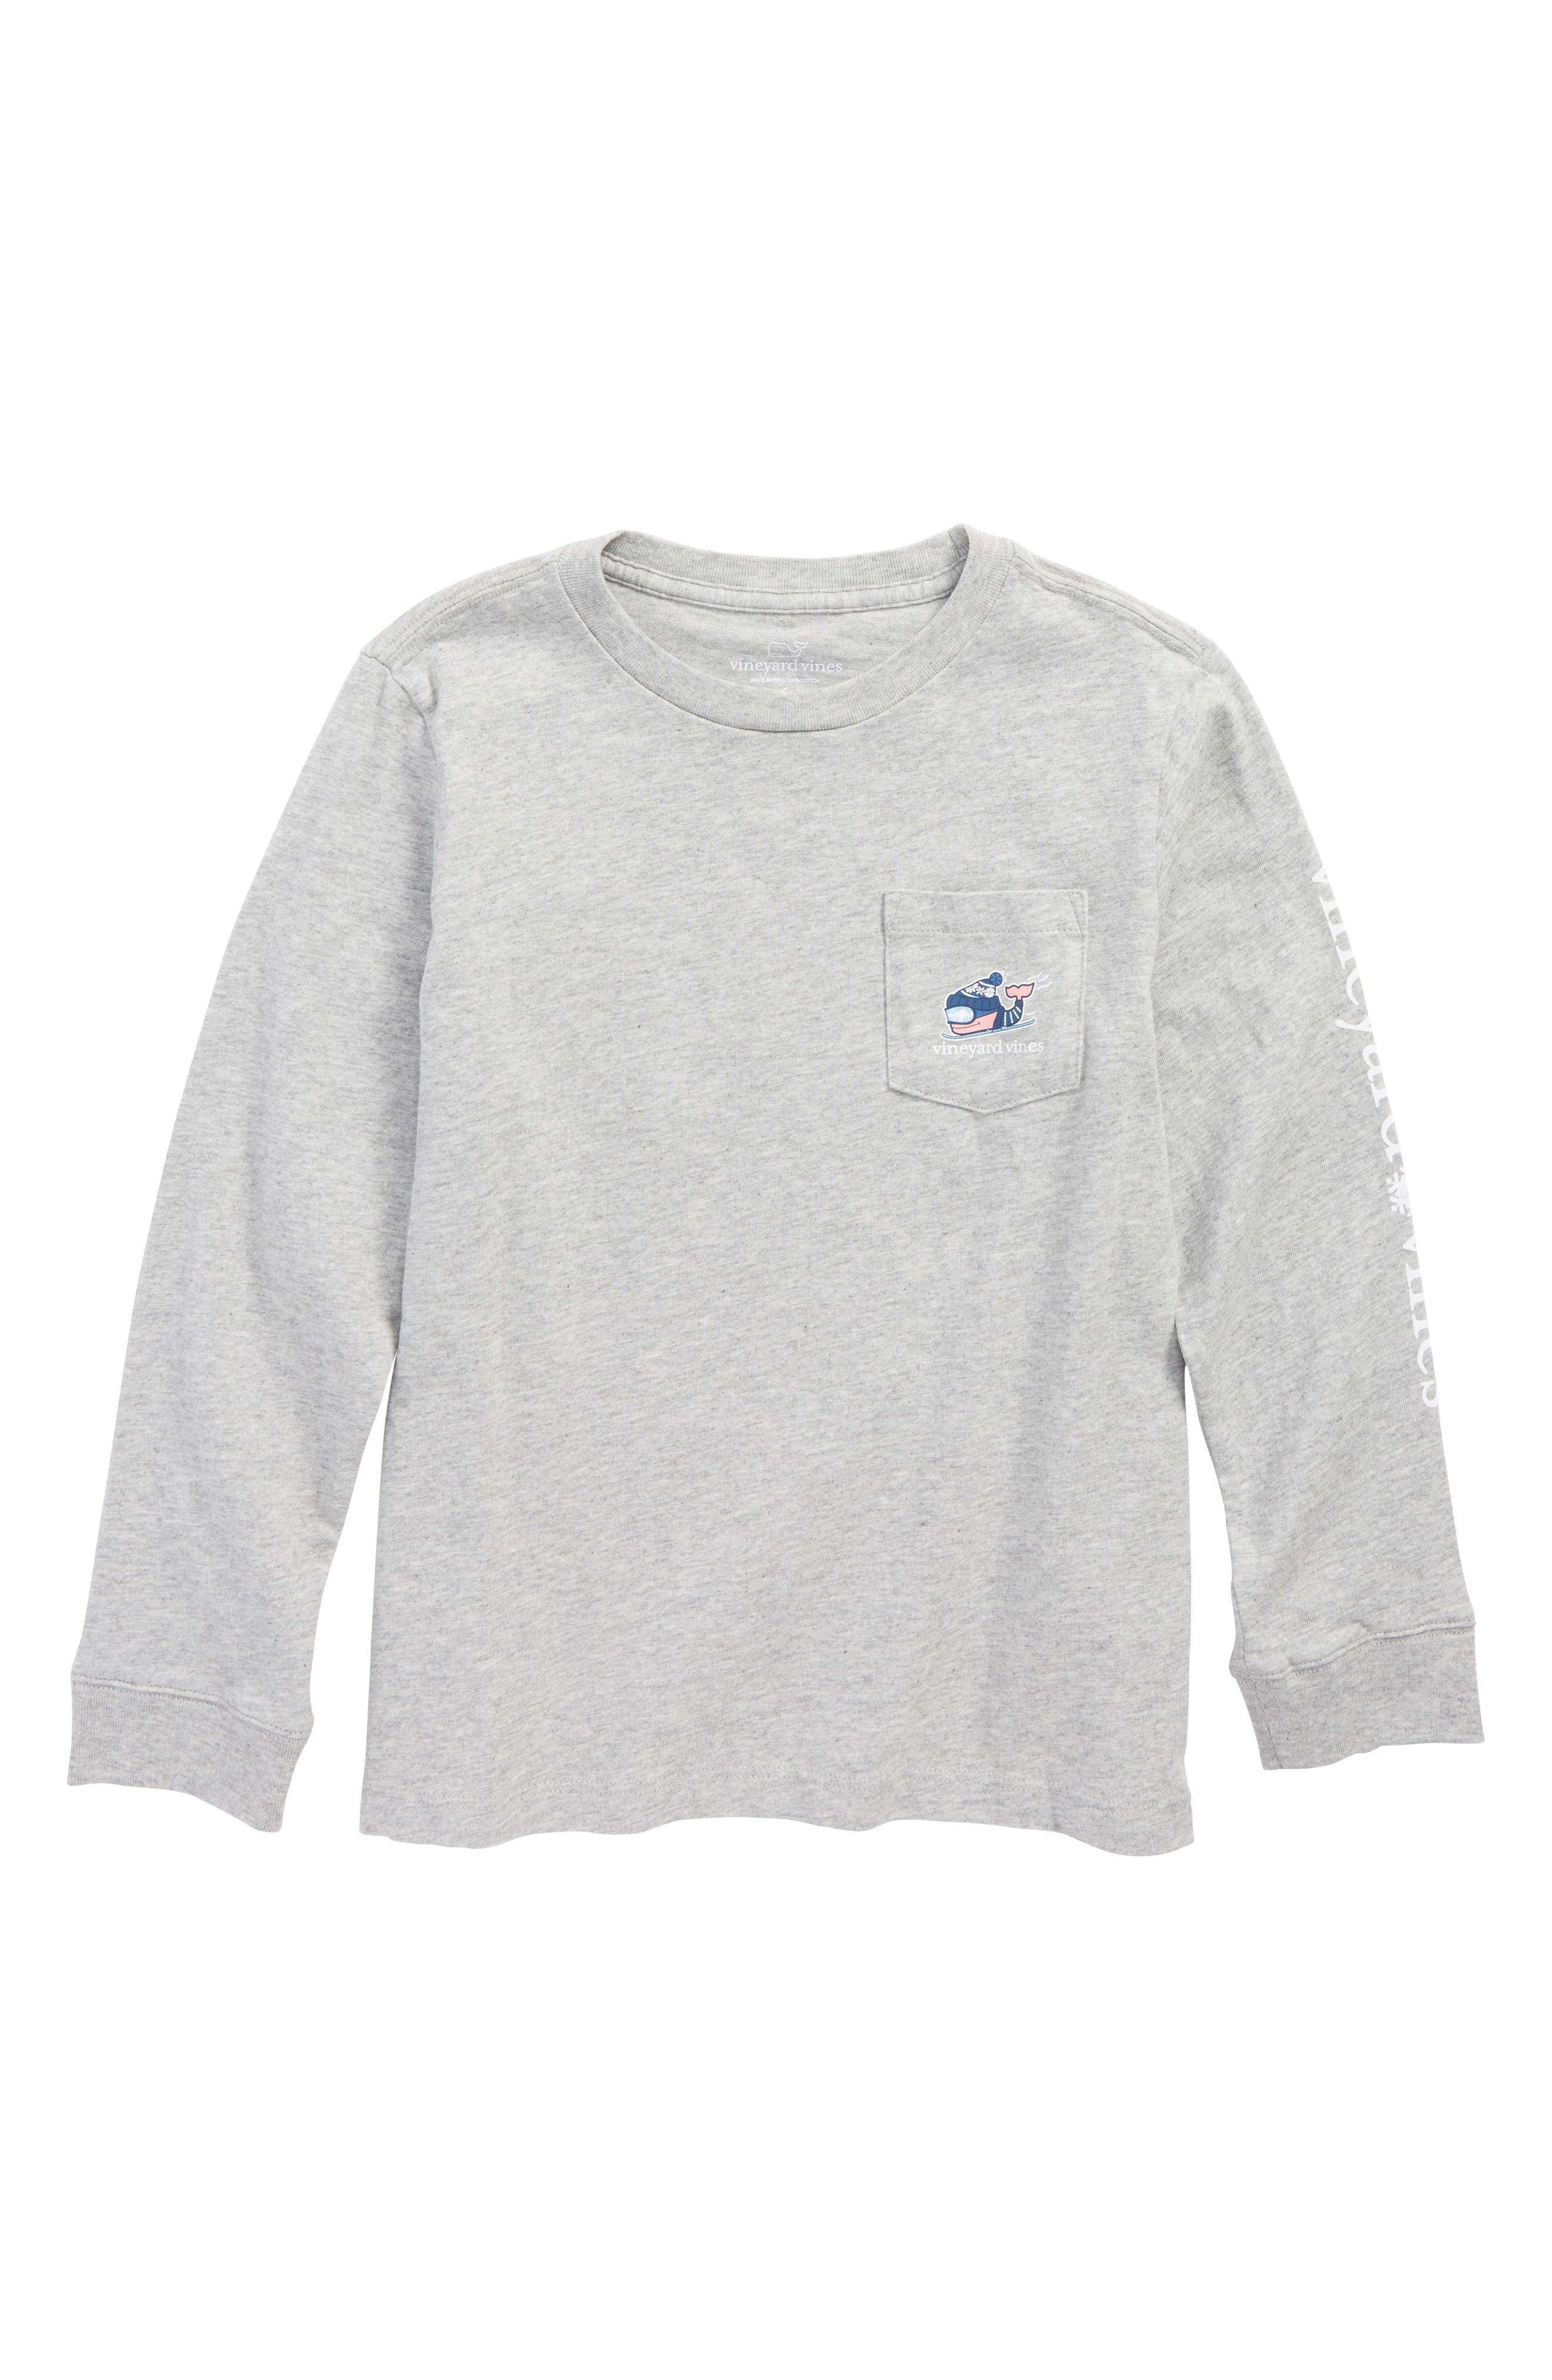 vineyard vines Downhill Ski Whale Pocket T-Shirt (Toddler Boys & Little Boys)